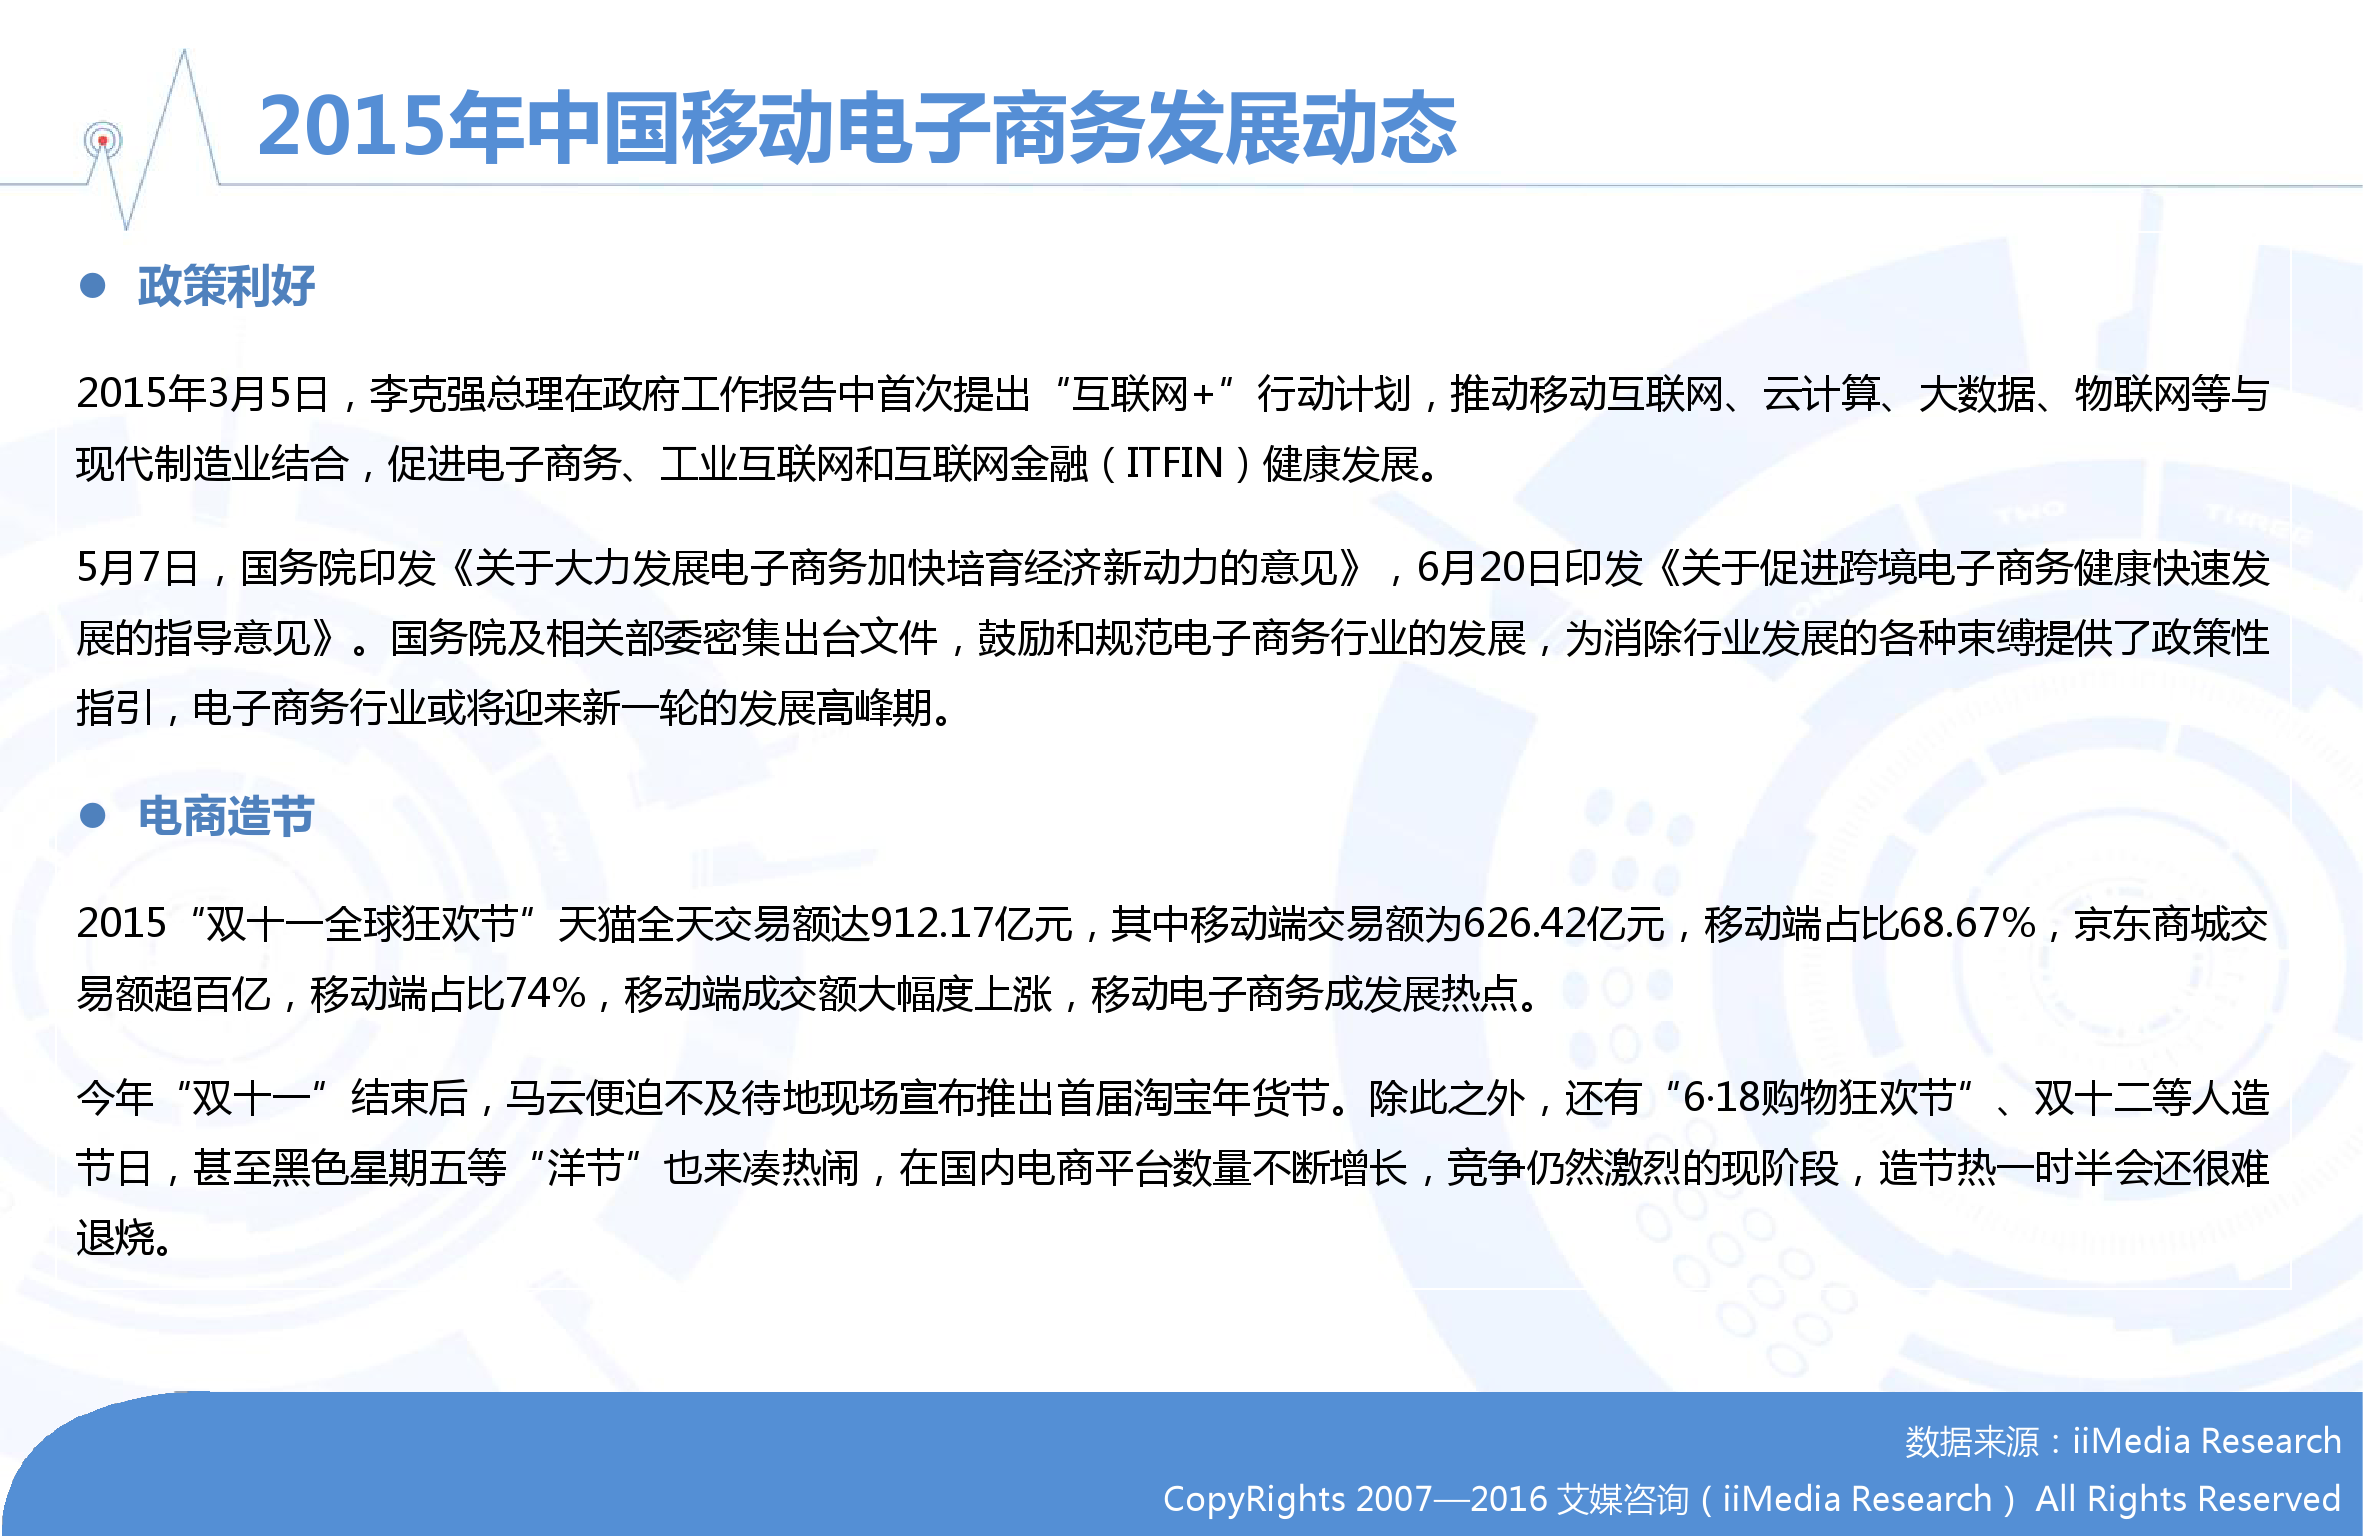 2015-2016中国移动电商市场年度报告_000005